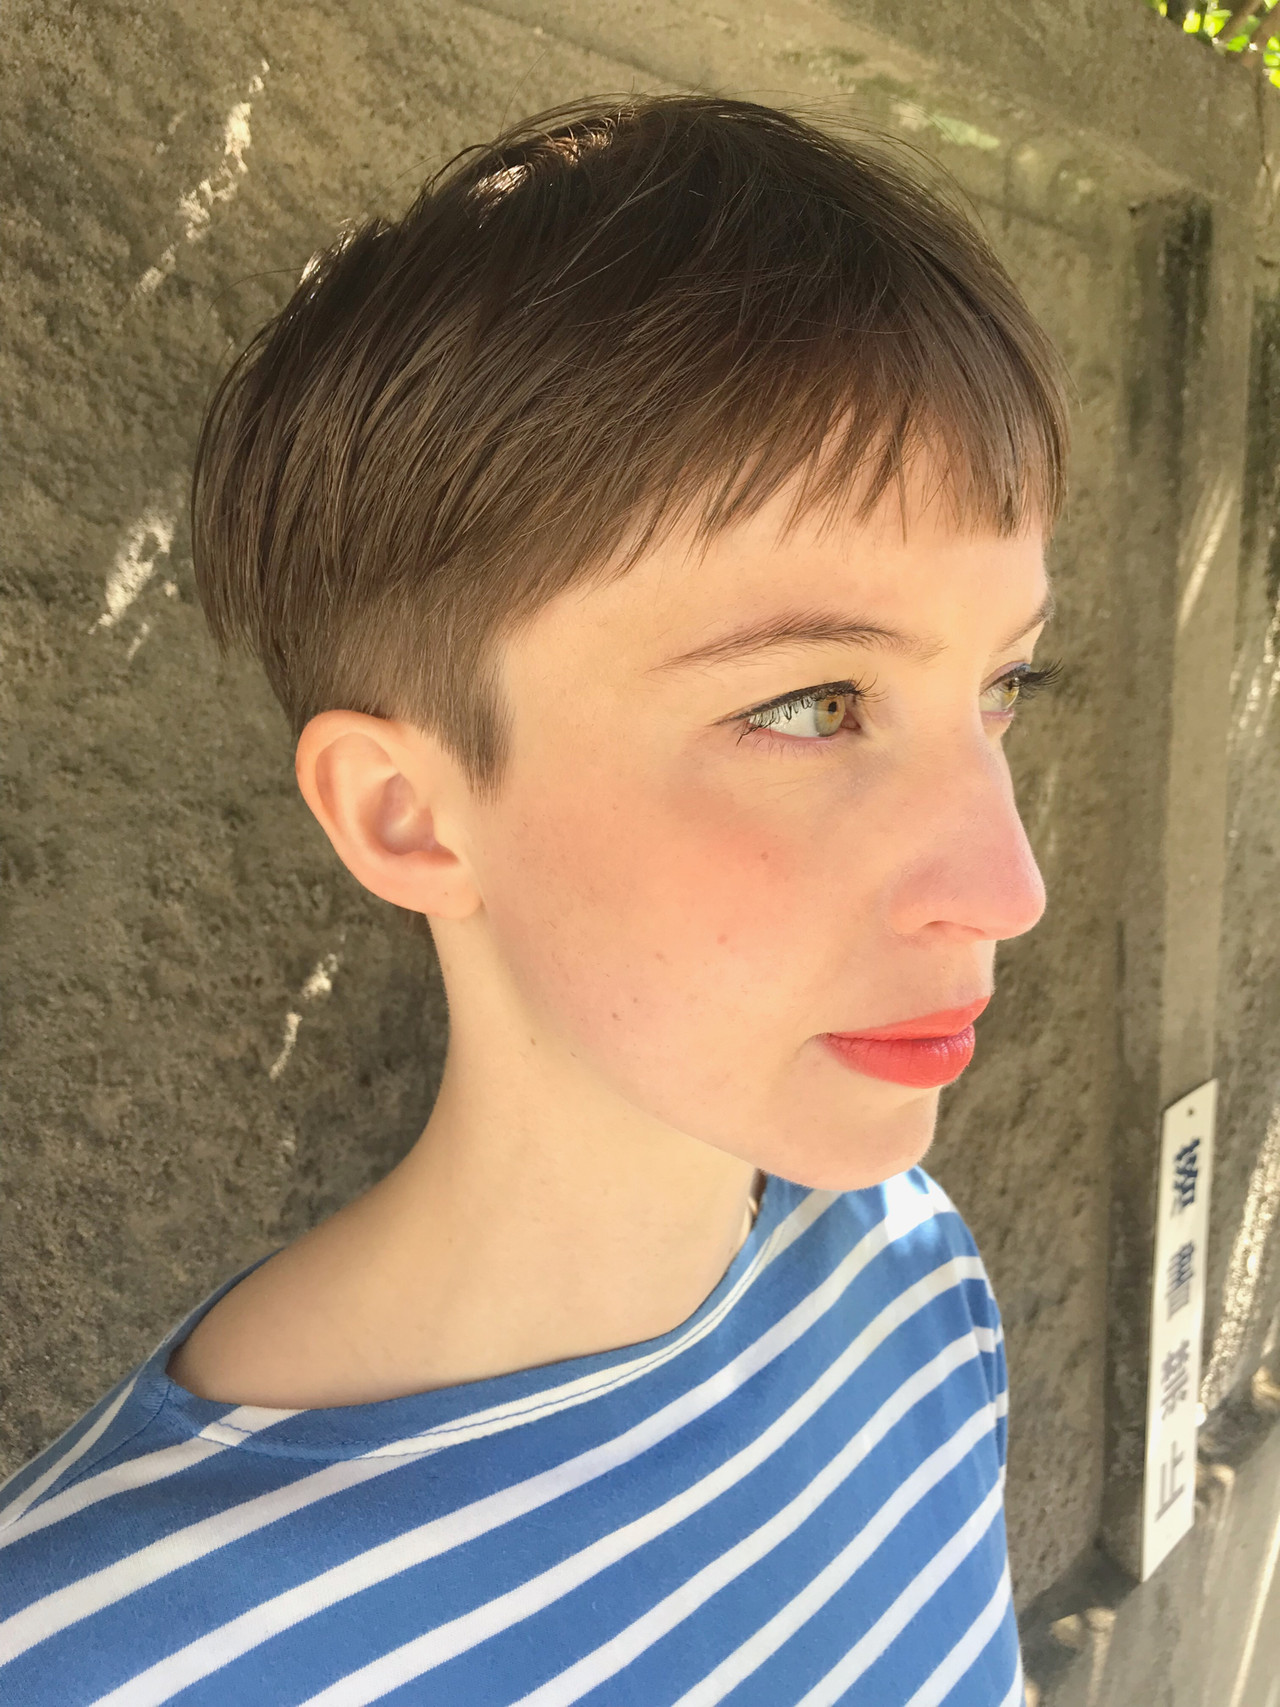 モード ショート 刈り上げ女子 大人かわいい ヘアスタイルや髪型の写真・画像